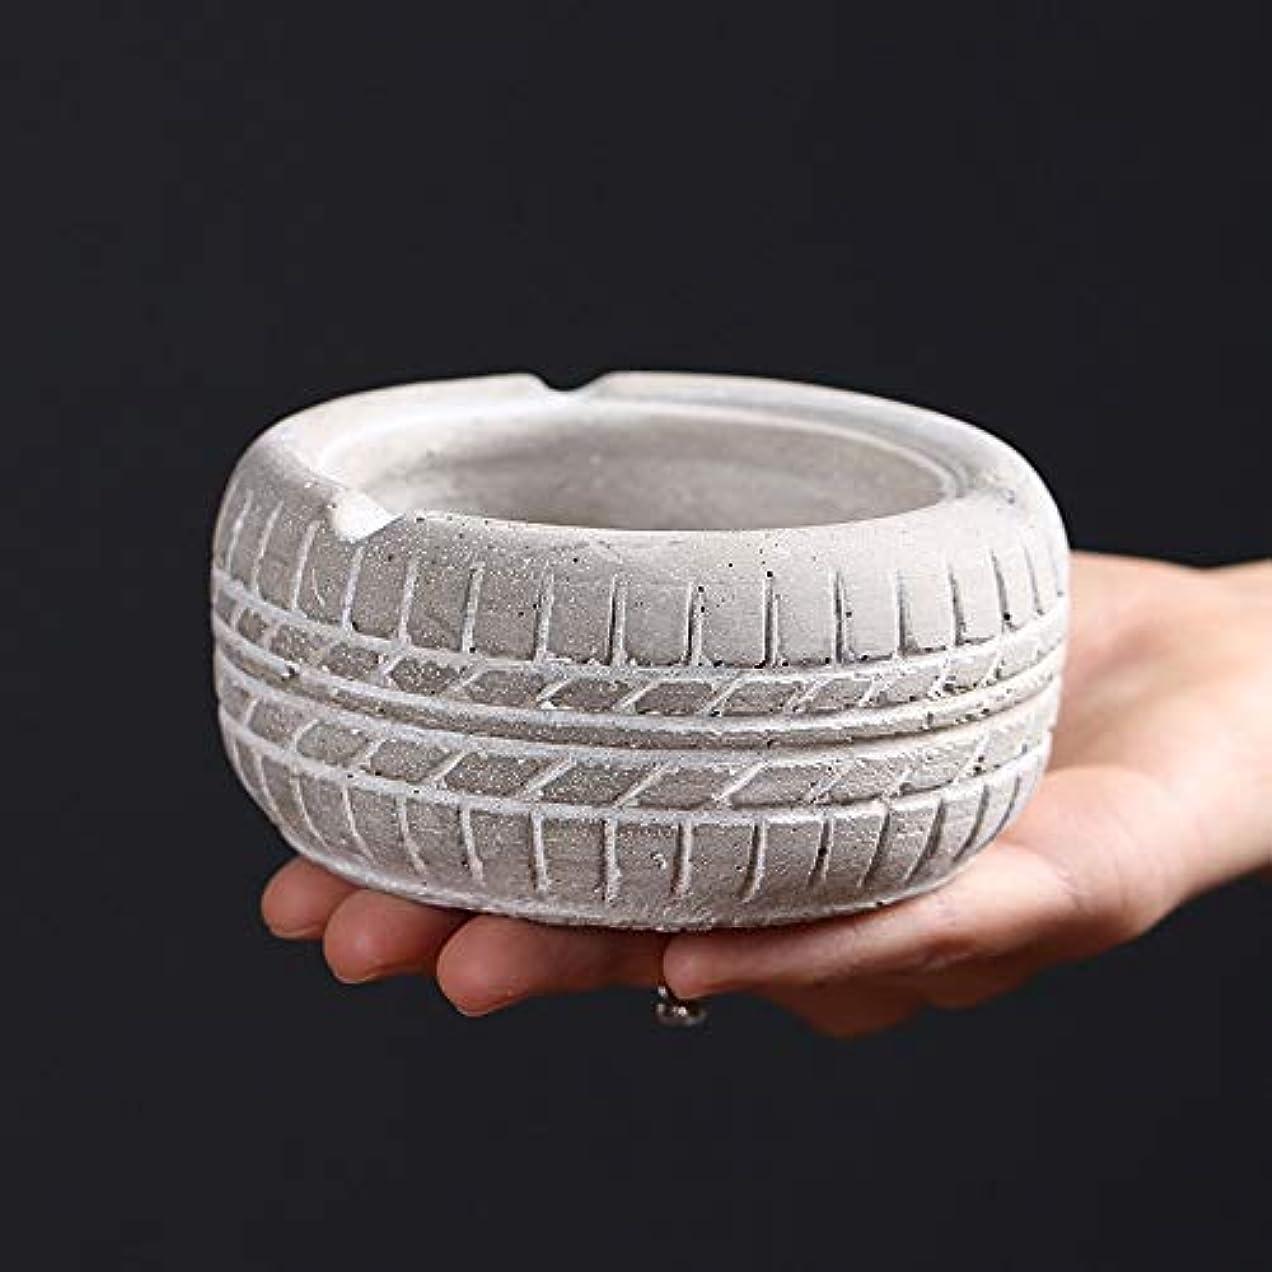 富豪複製する靄レトロな灰皿のタイヤの形、パーソナライズされた創造的な灰皿のデスクトップの装飾品、から選択するさまざまな色 (Size : 白)